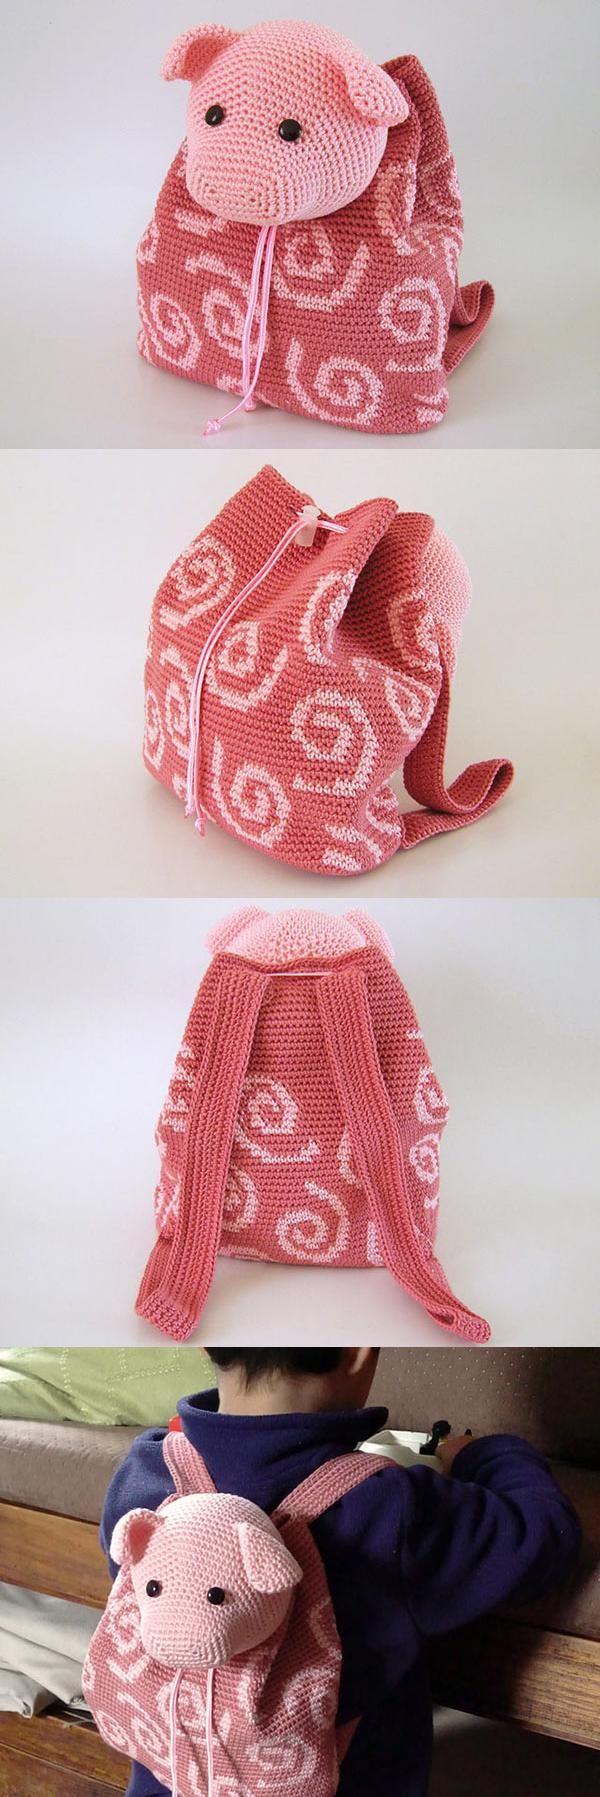 Pig Backpack Crochet Pattern                                                                                                                                                                                 Más